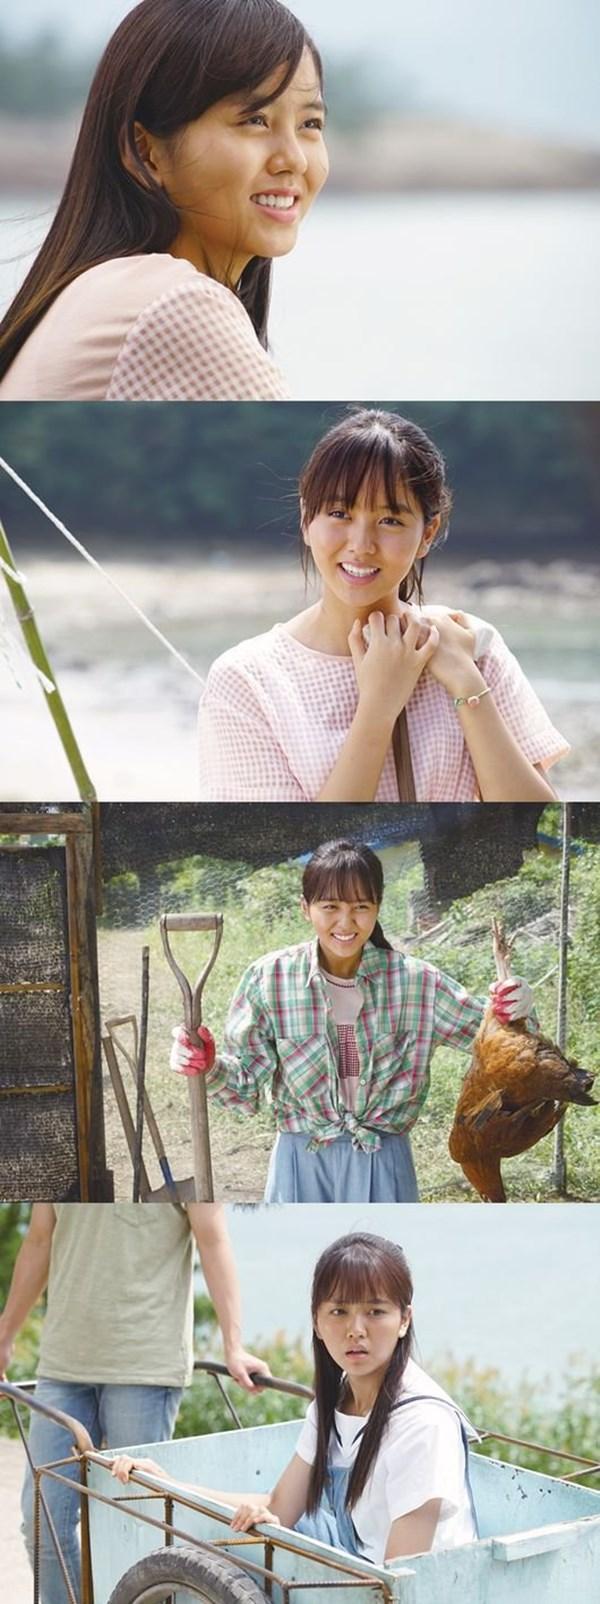 'Thiên thần' Kim So Hyun hóa thôn nữ đen nhẻm